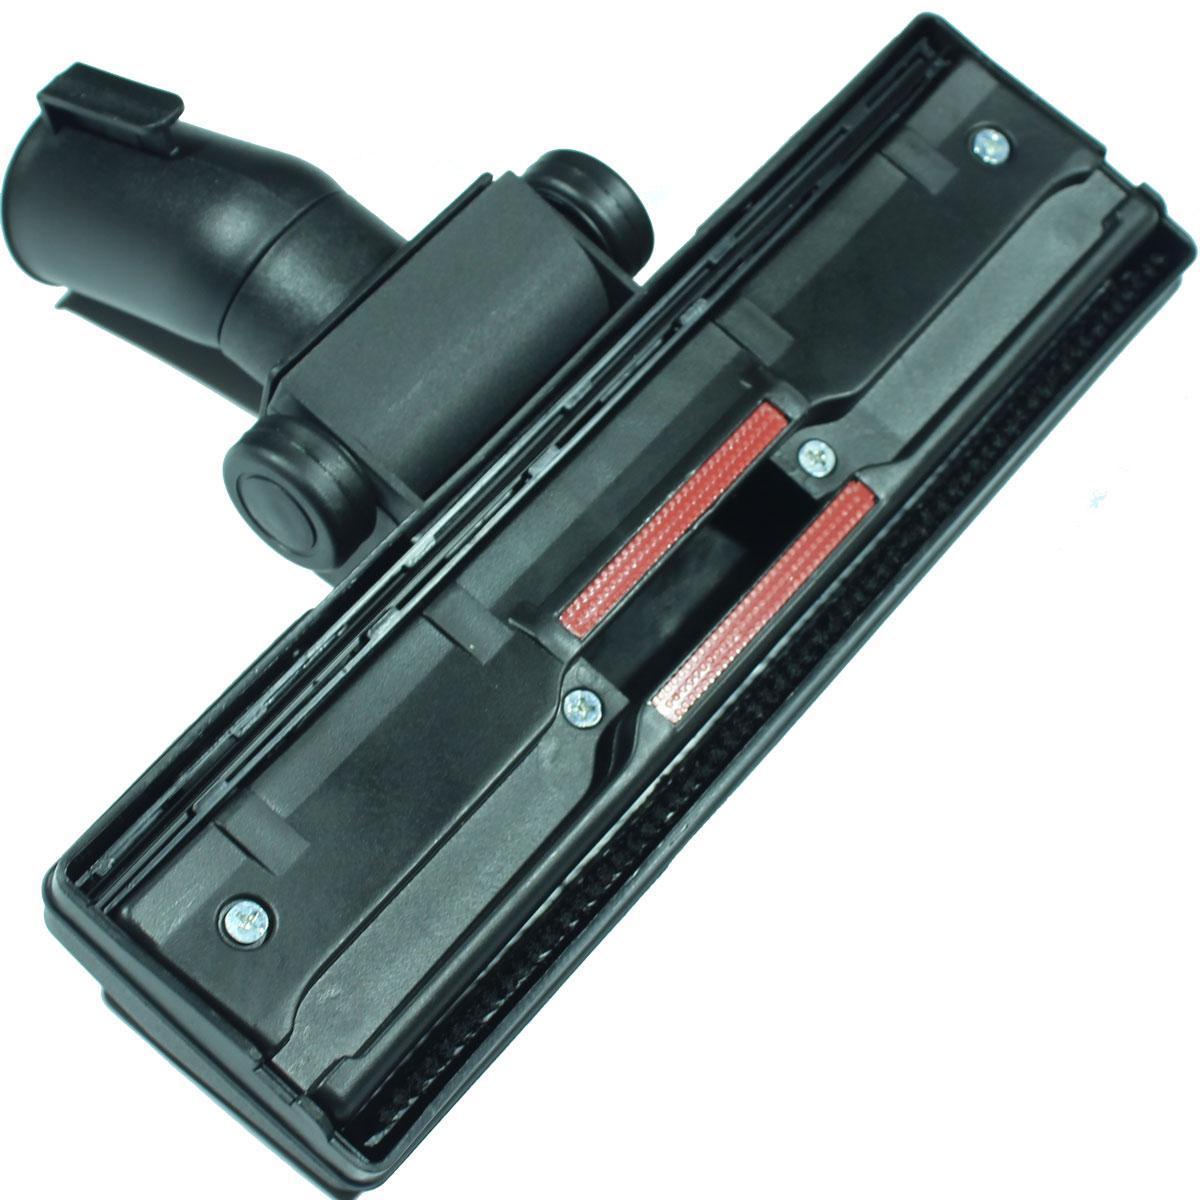 ➜ Щетка для пылесоса Samsung под трубу D=35 (пластиковый низ)